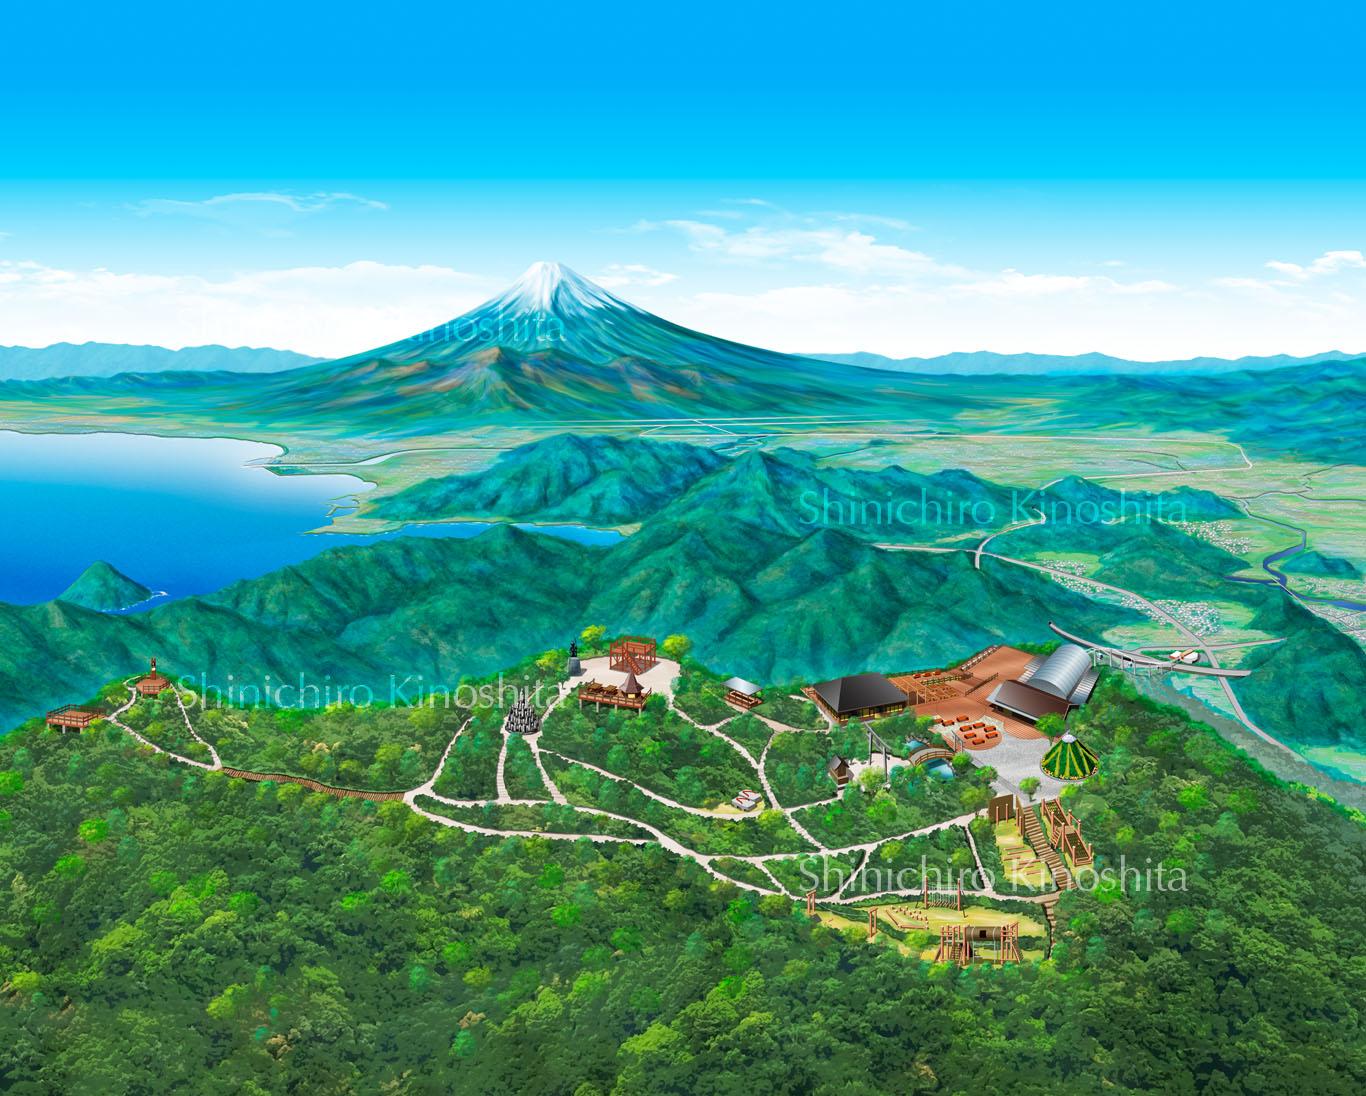 伊豆の国パノラマパーク鳥瞰図